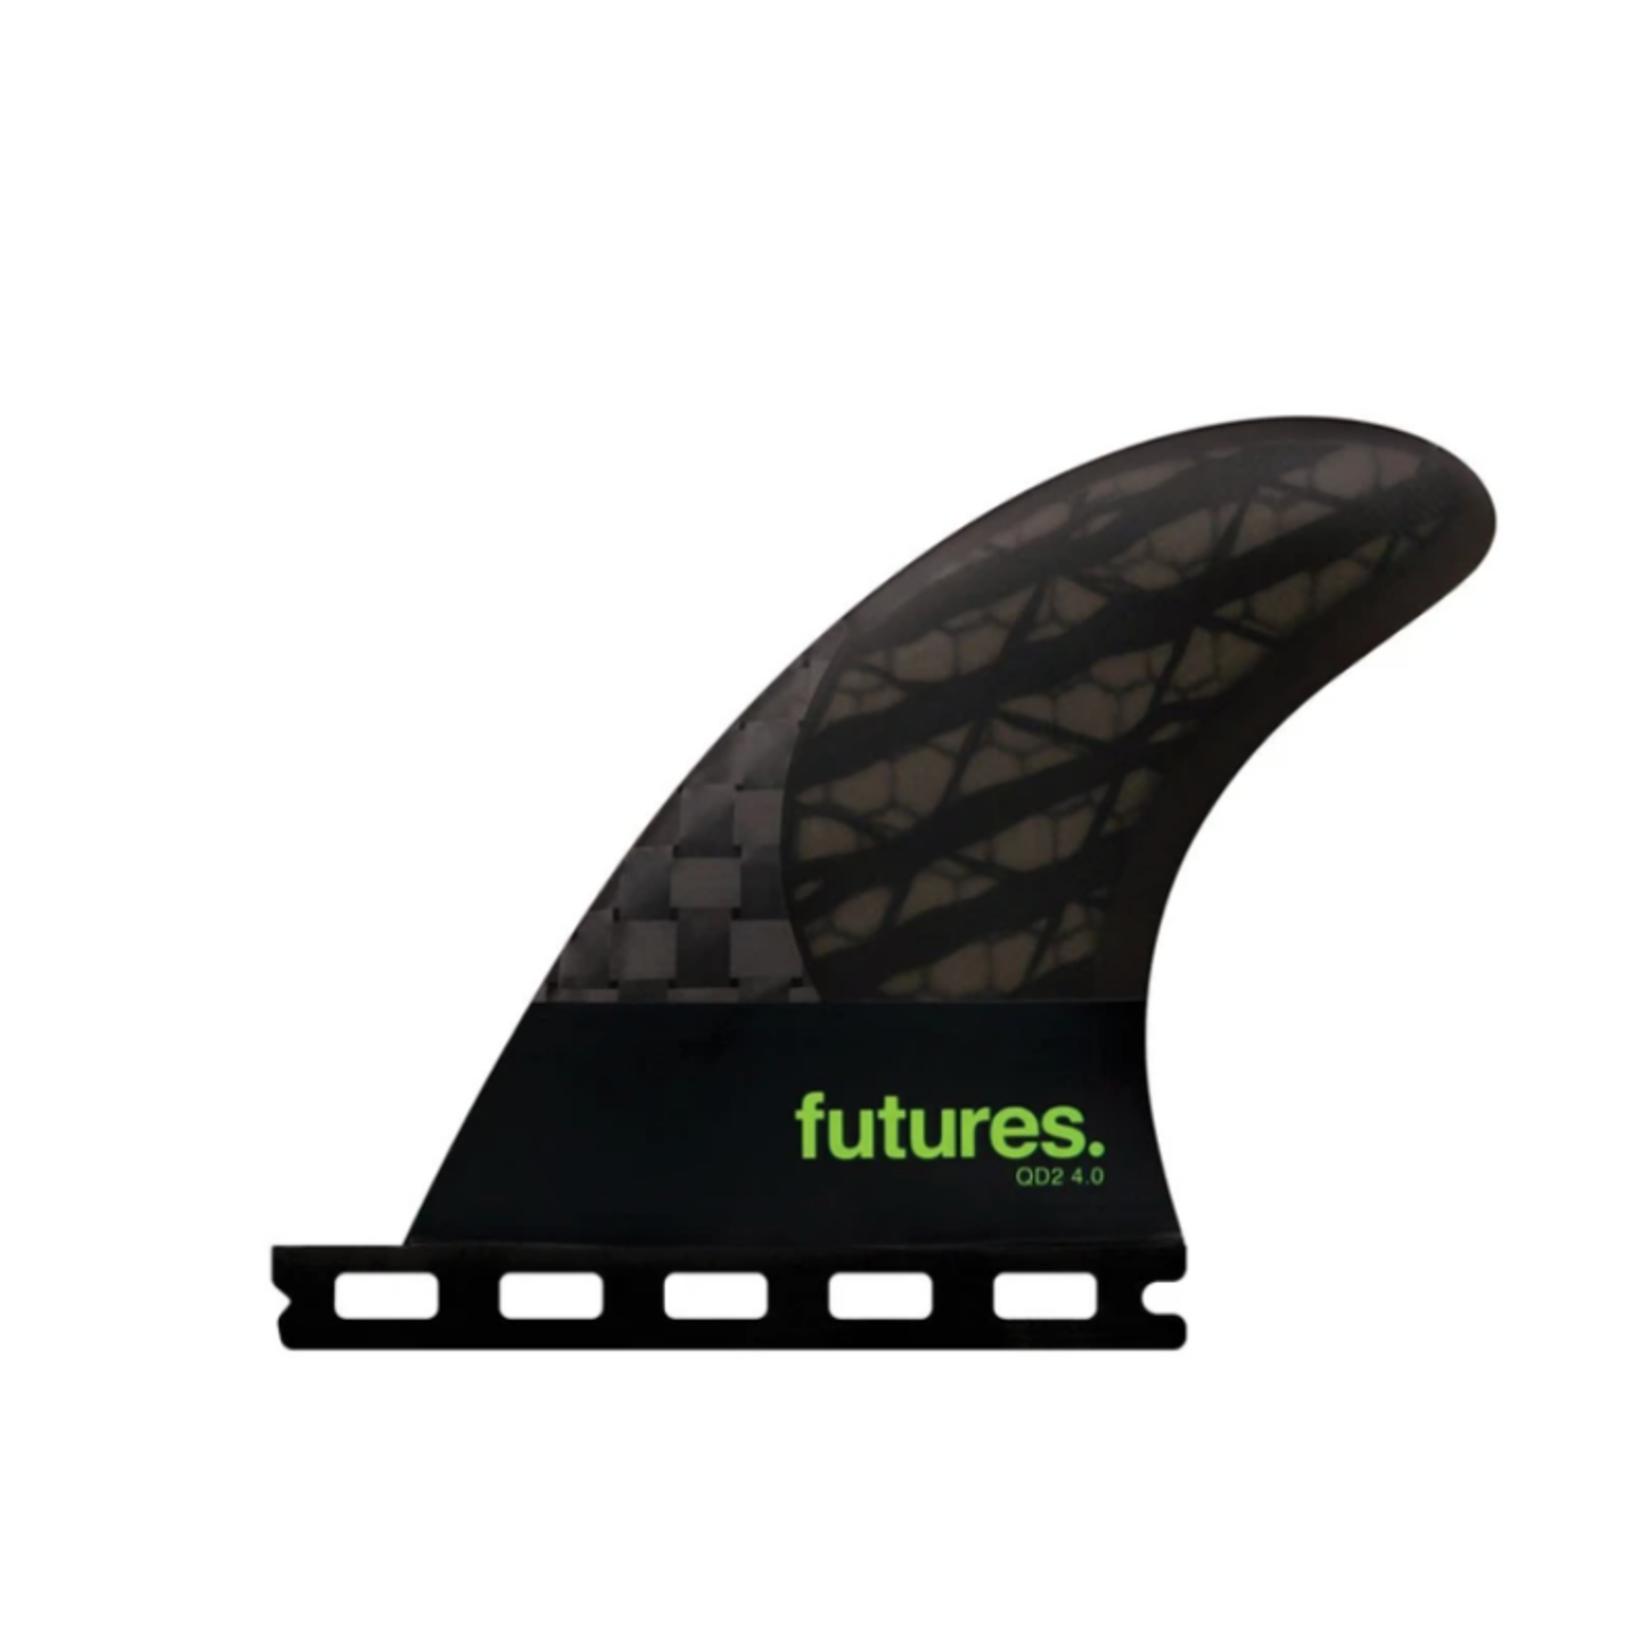 Futures. Futures Fins Quad Rear 4.0 Medium Green